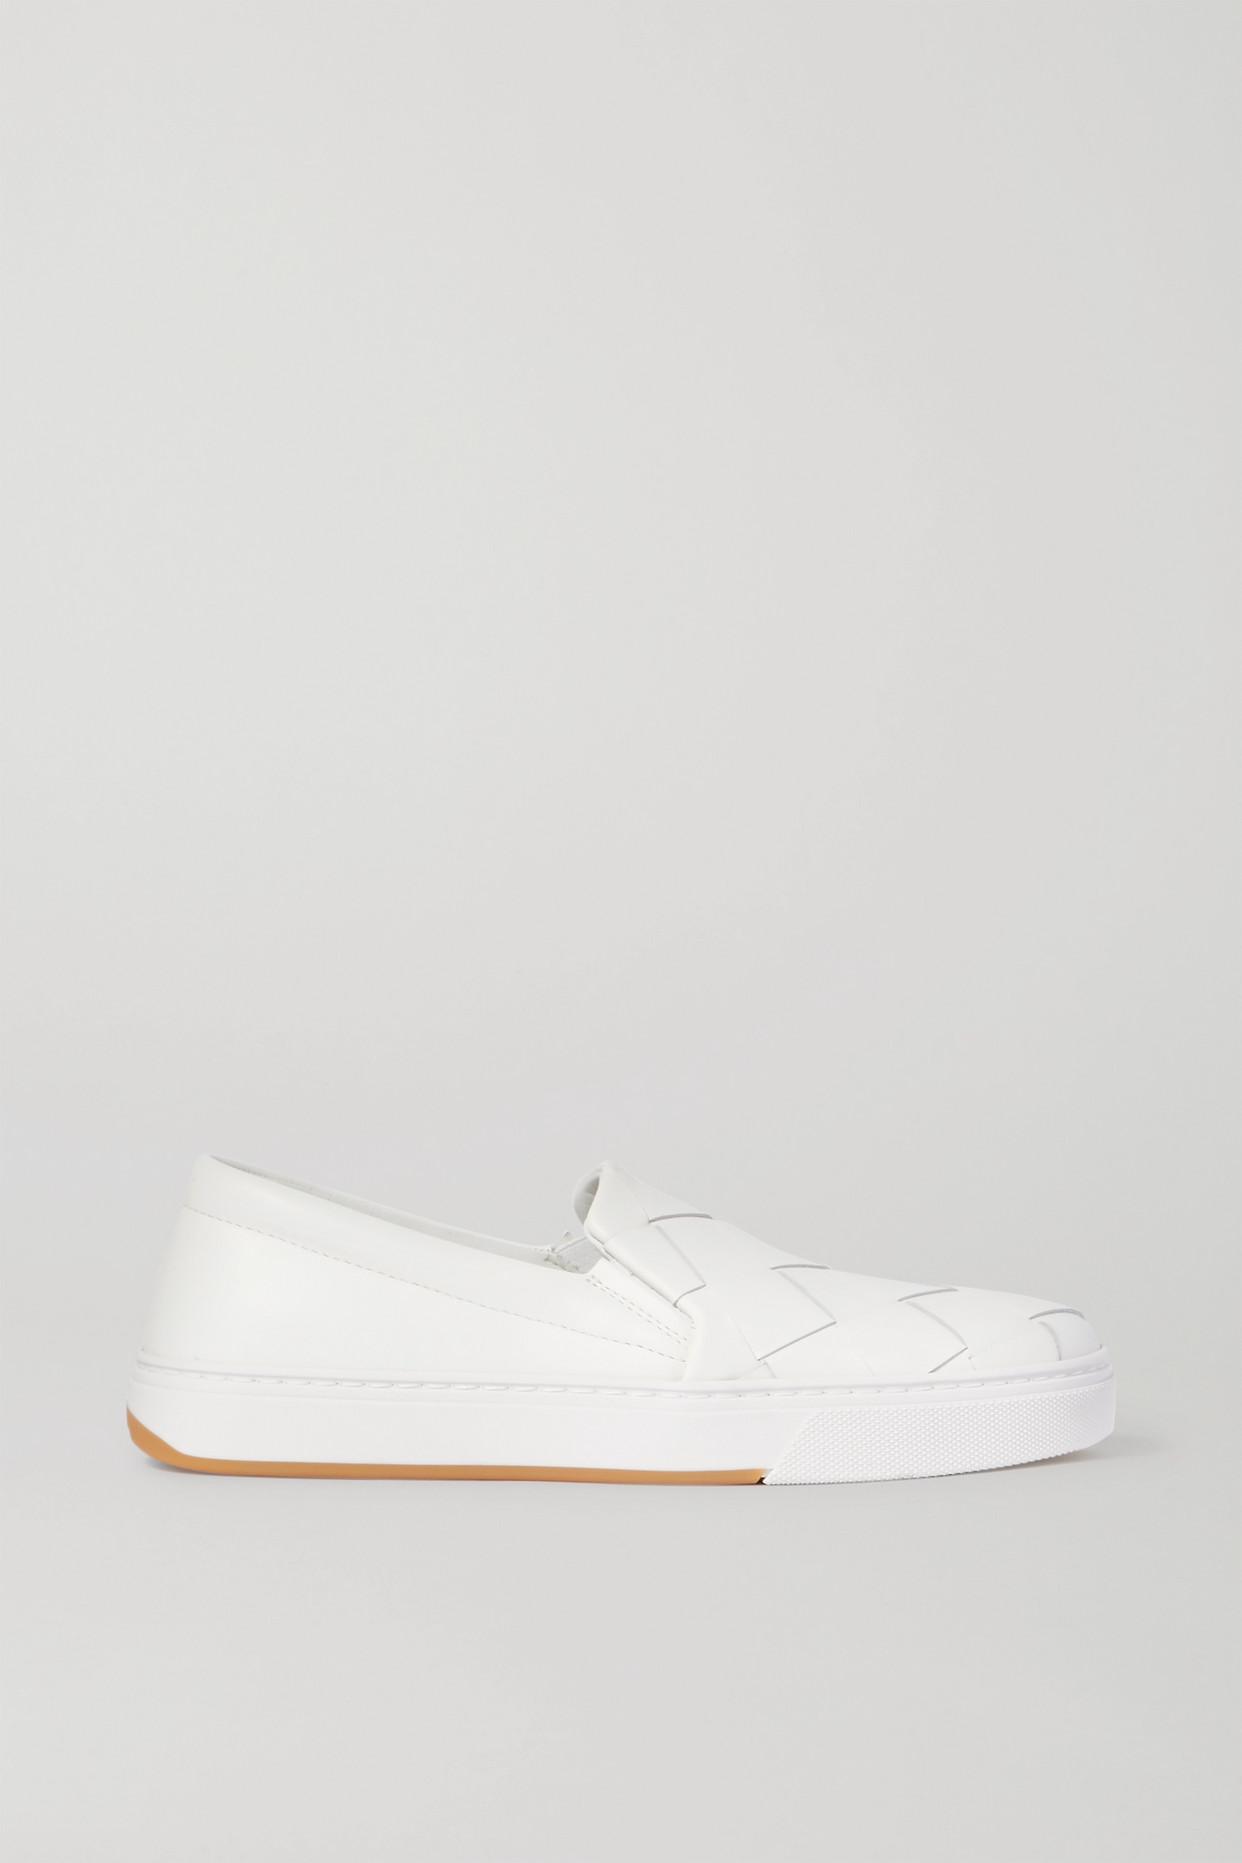 BOTTEGA VENETA - Speedster Intrecciato 皮革套穿款运动鞋 - 白色 - IT37.5